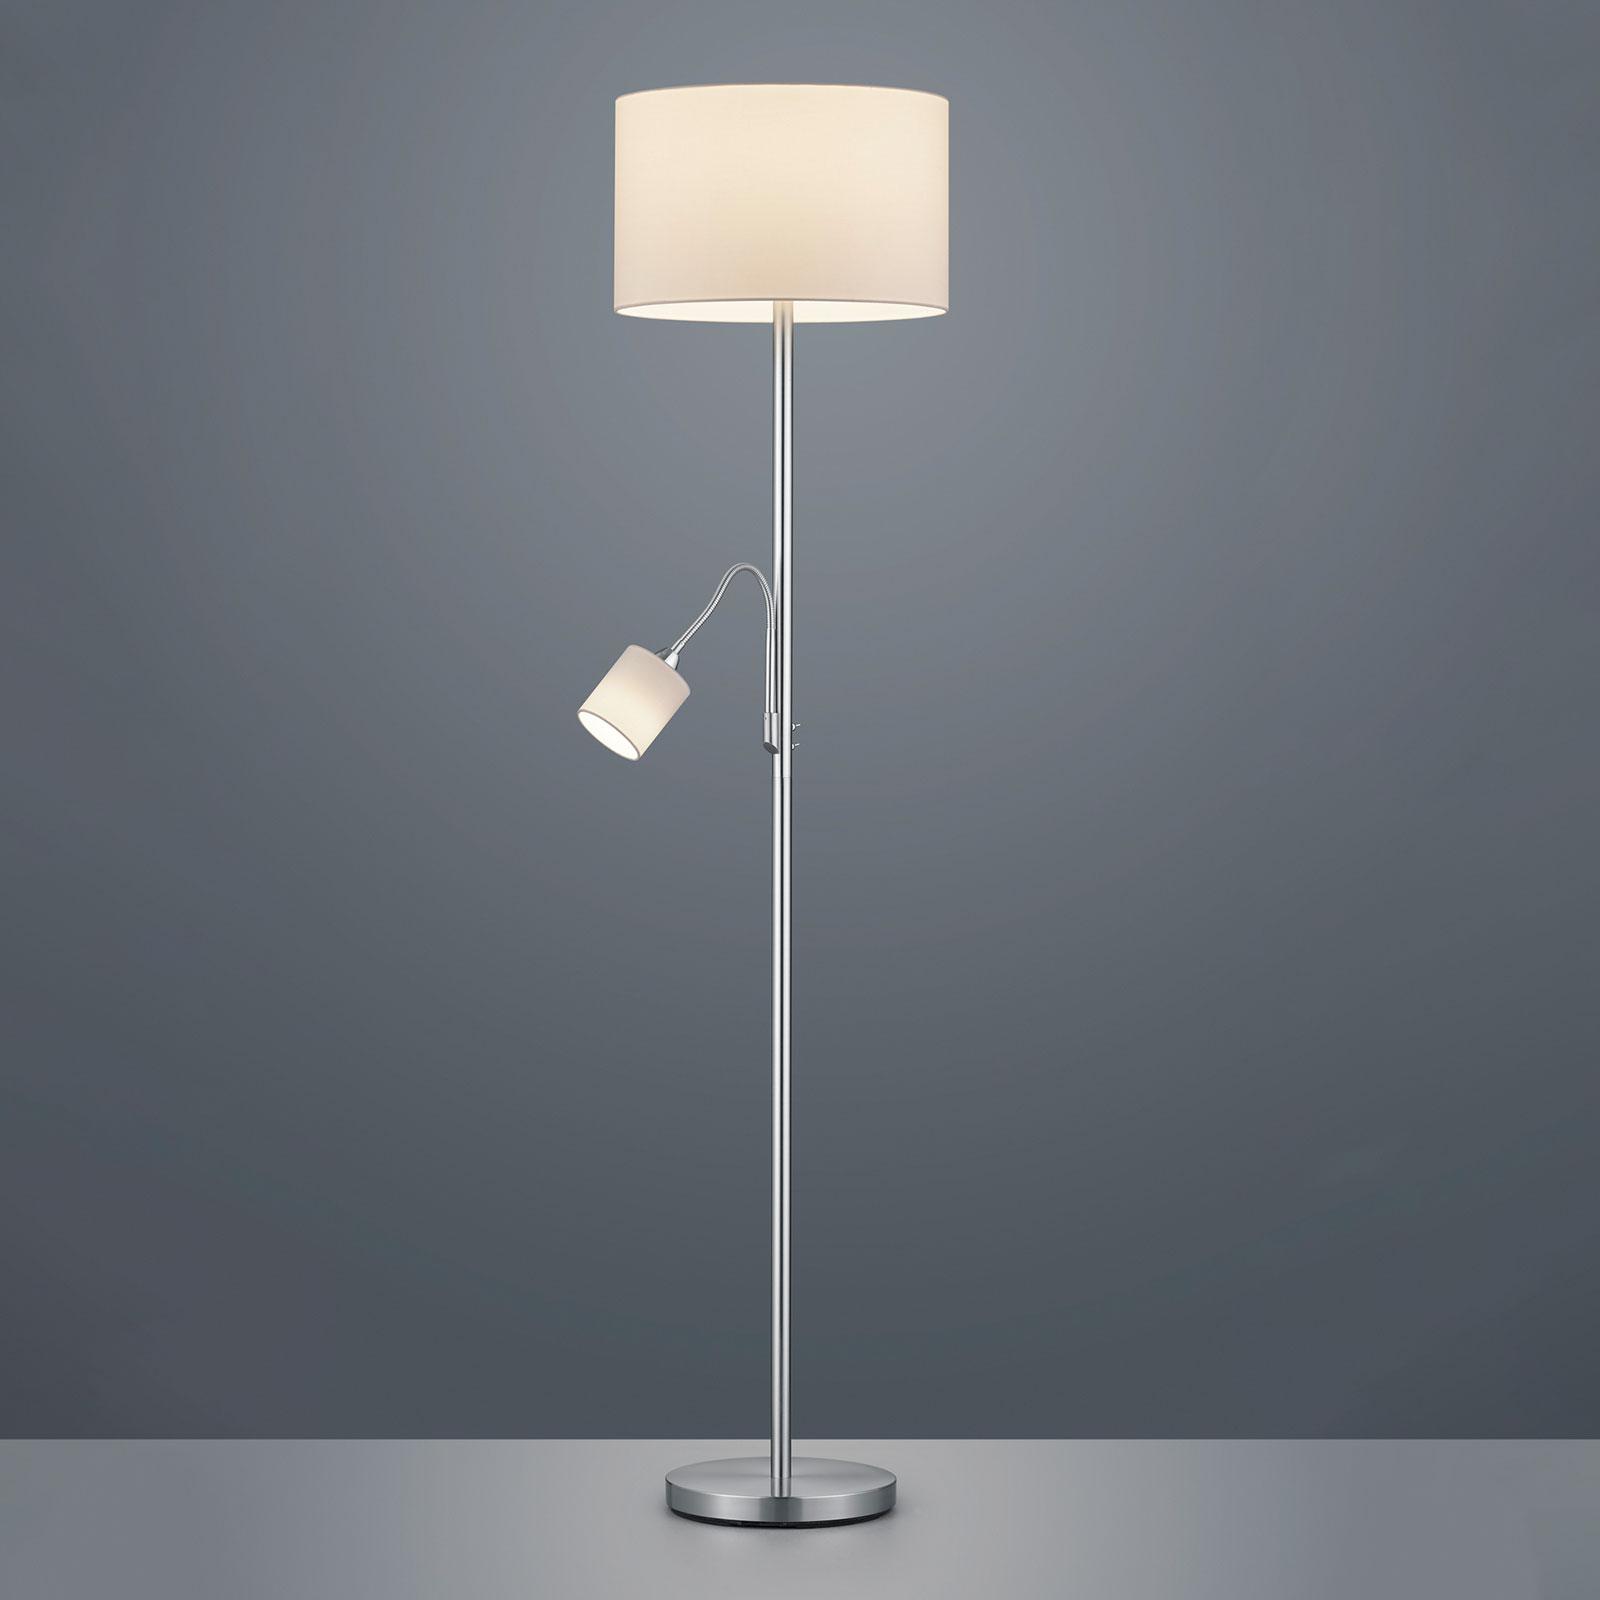 Lampada da terra Hotel, luce di lettura, bianco